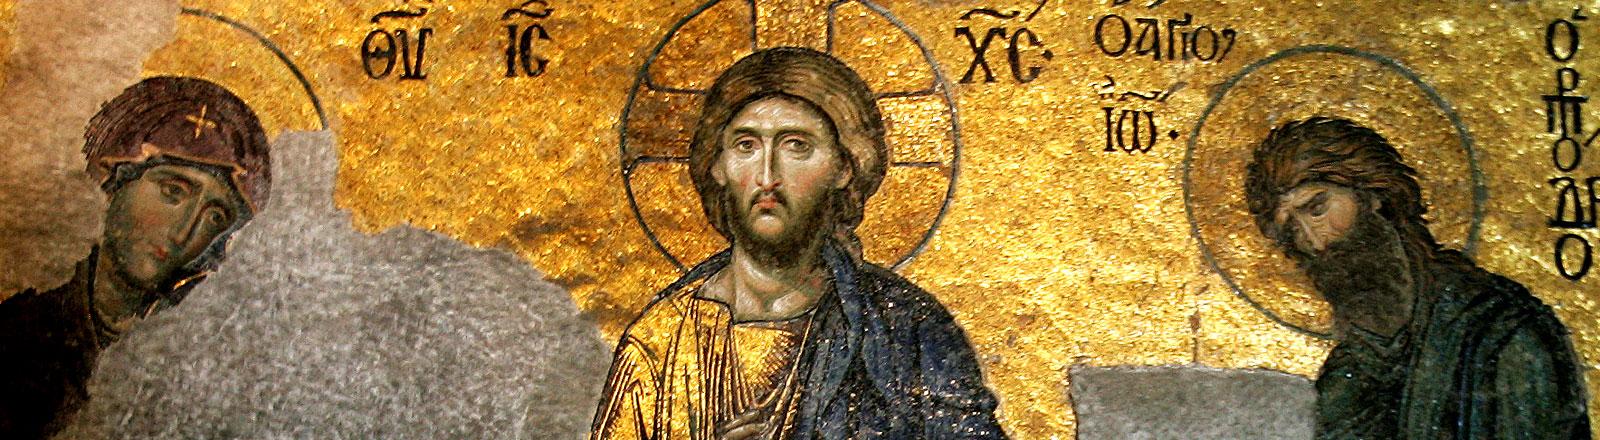 Ein Wandfresko aus der Hagia Sophia mit Jesus Christus in der Mitte und zwei seiner Jünger link und rechts von ihm.